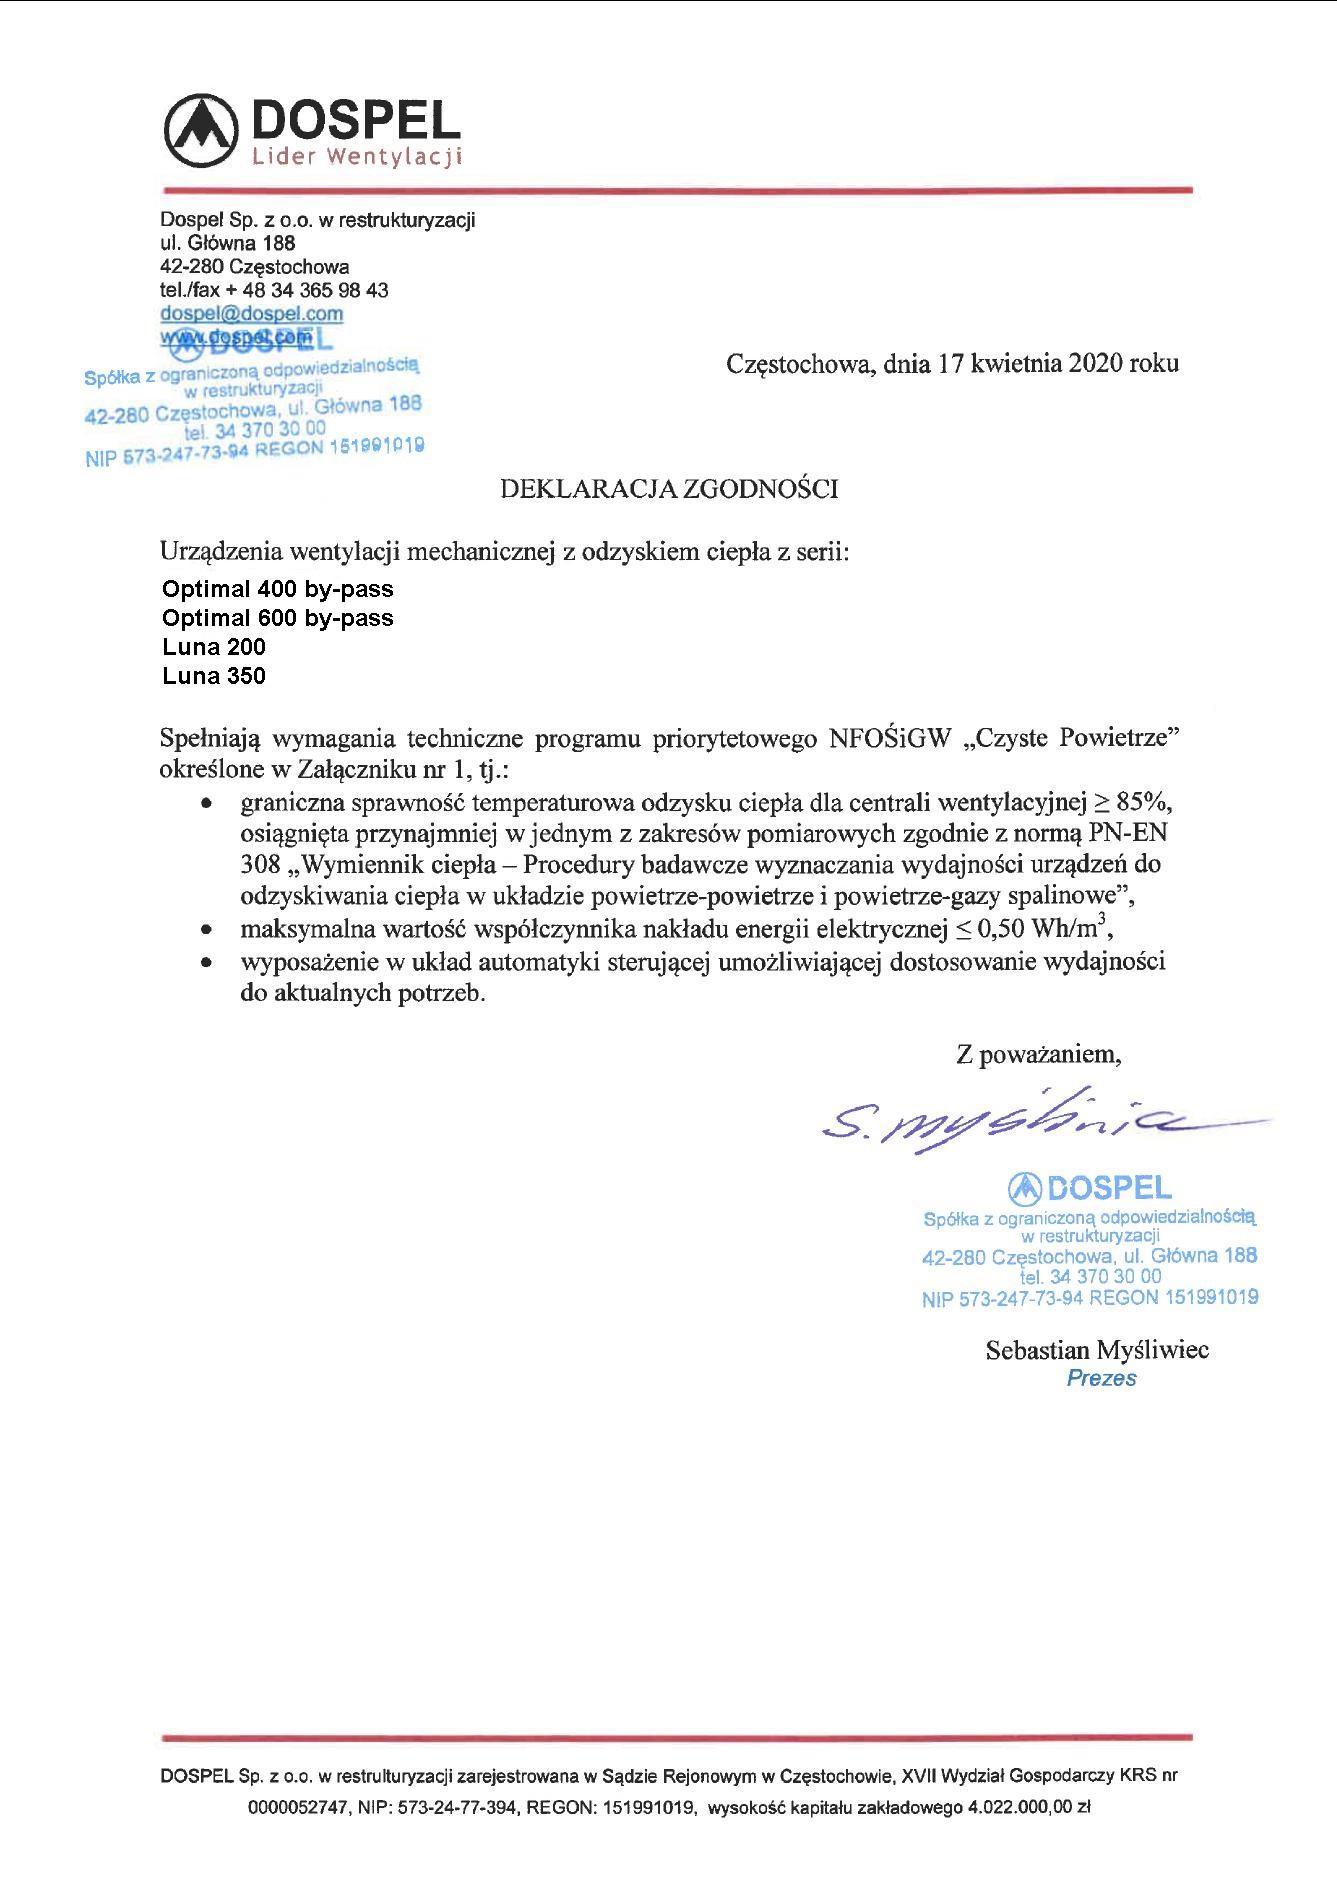 Instrukcja obsługi katalogu cennika Dosoel wentylacja